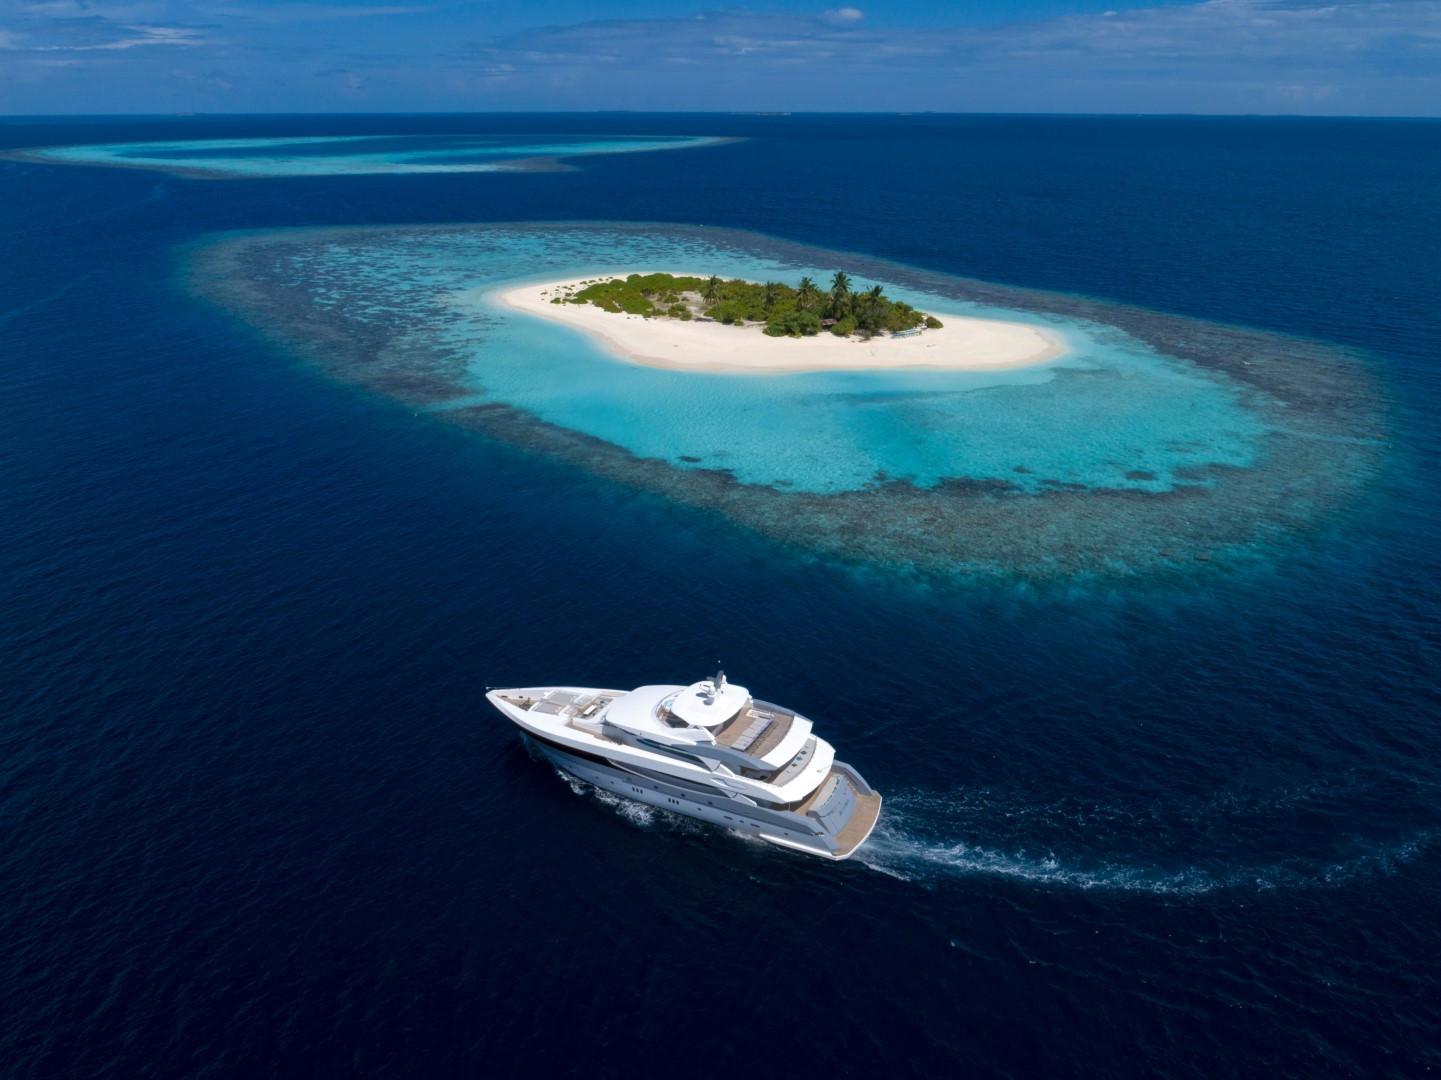 SeaRex_Cruise 3 (Large).jpg